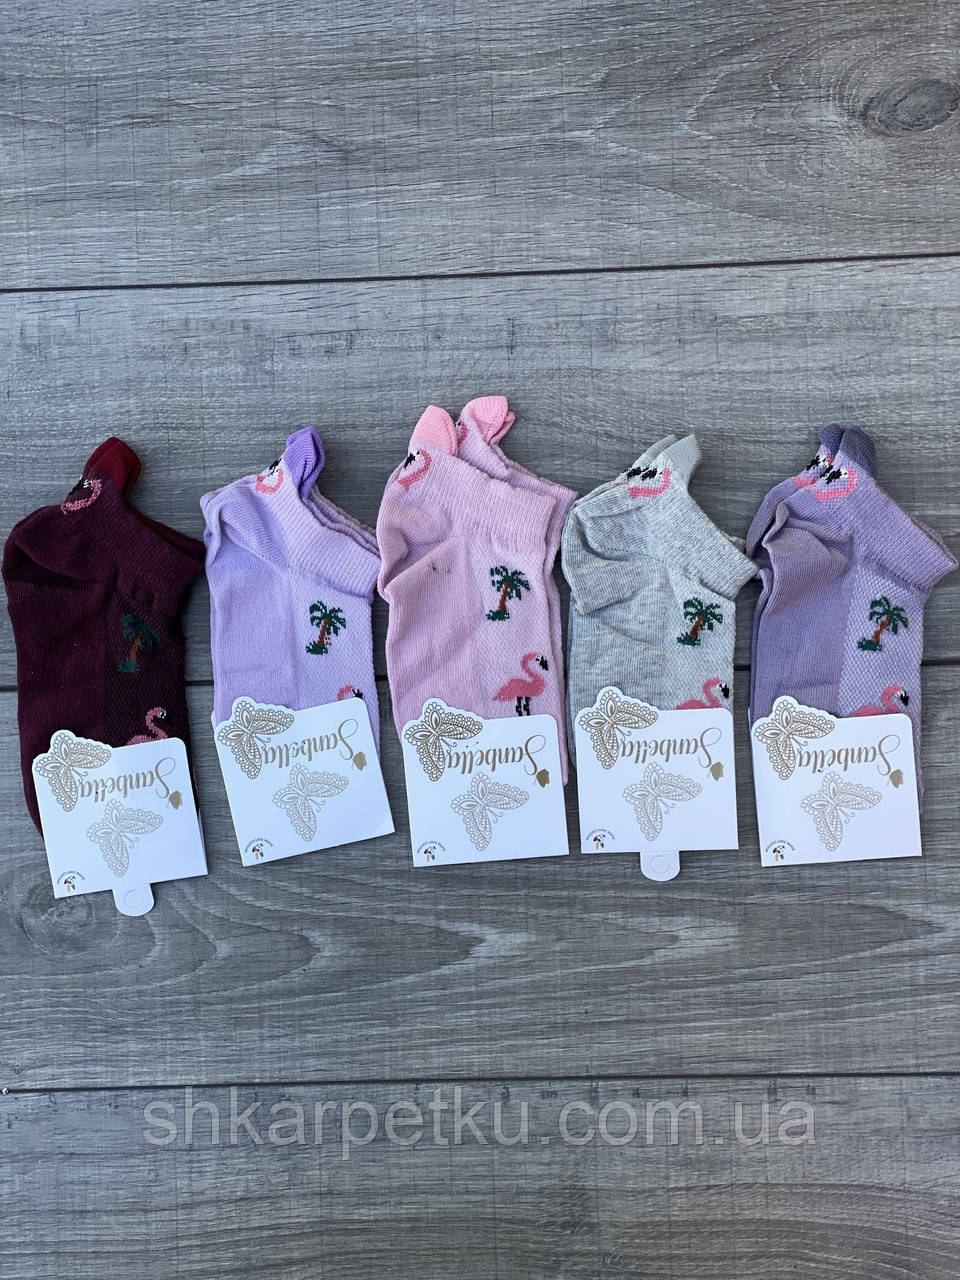 Шкарпетки в сітку жіночі котонові Sanbella з фламінго і пальмами 36-40 12 шт в уп мікс 5 кольорів